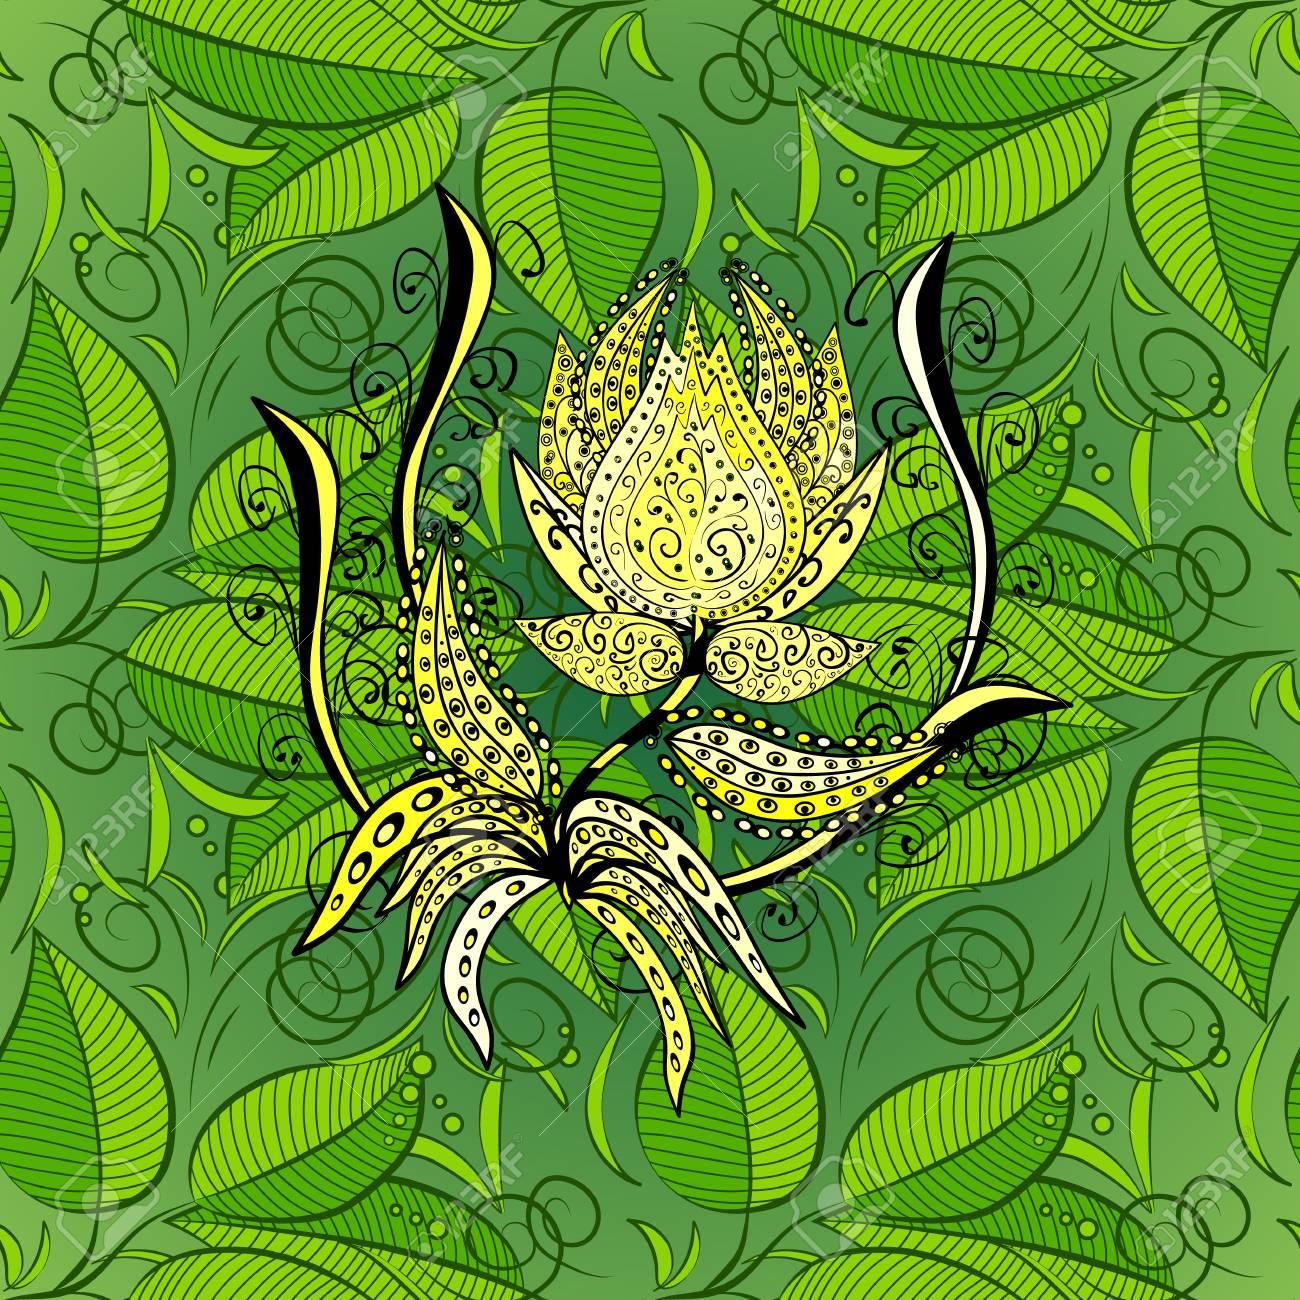 Sfondo verde con fiori